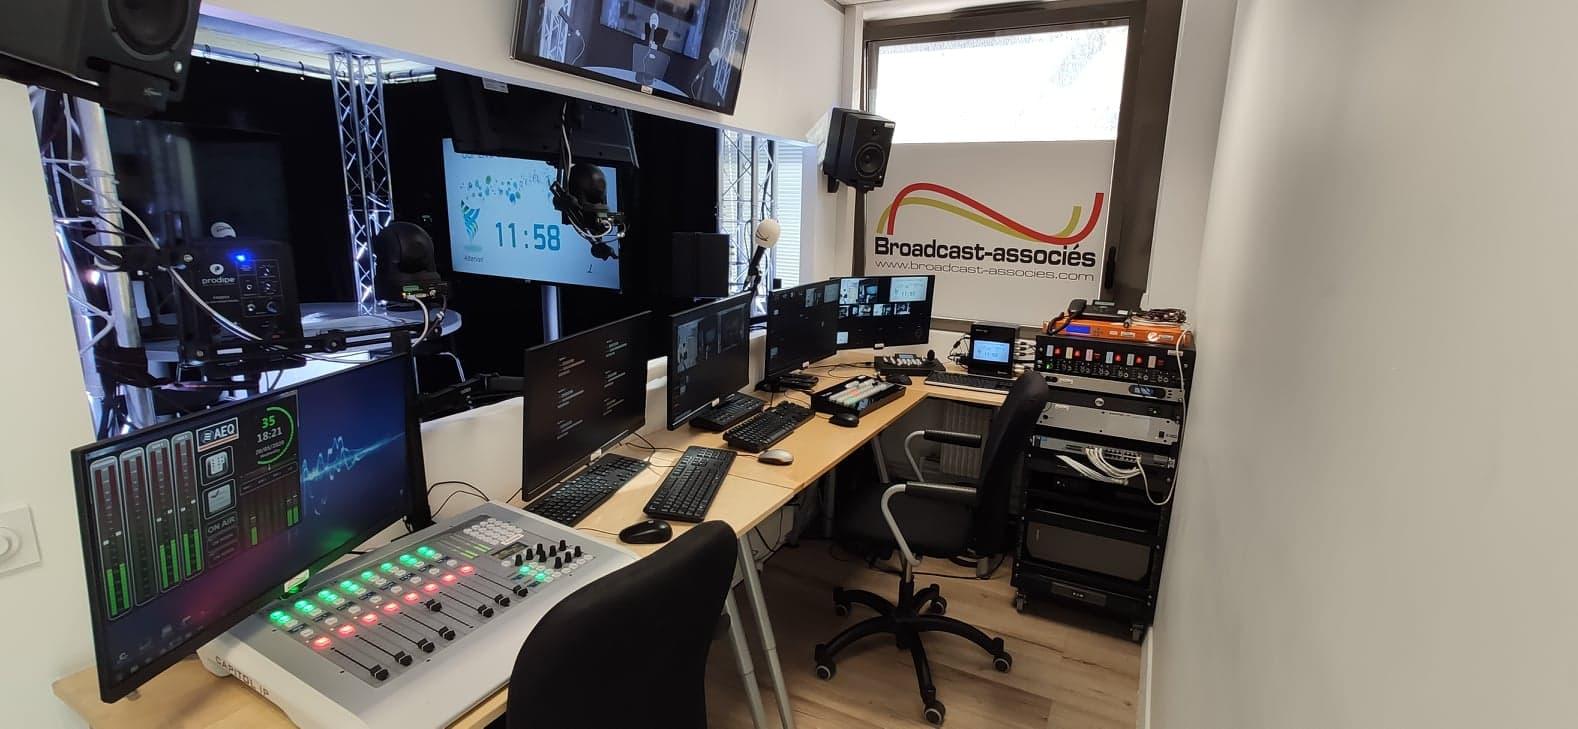 Une autre vue de la régie TV-Radio de Broadcast-associés